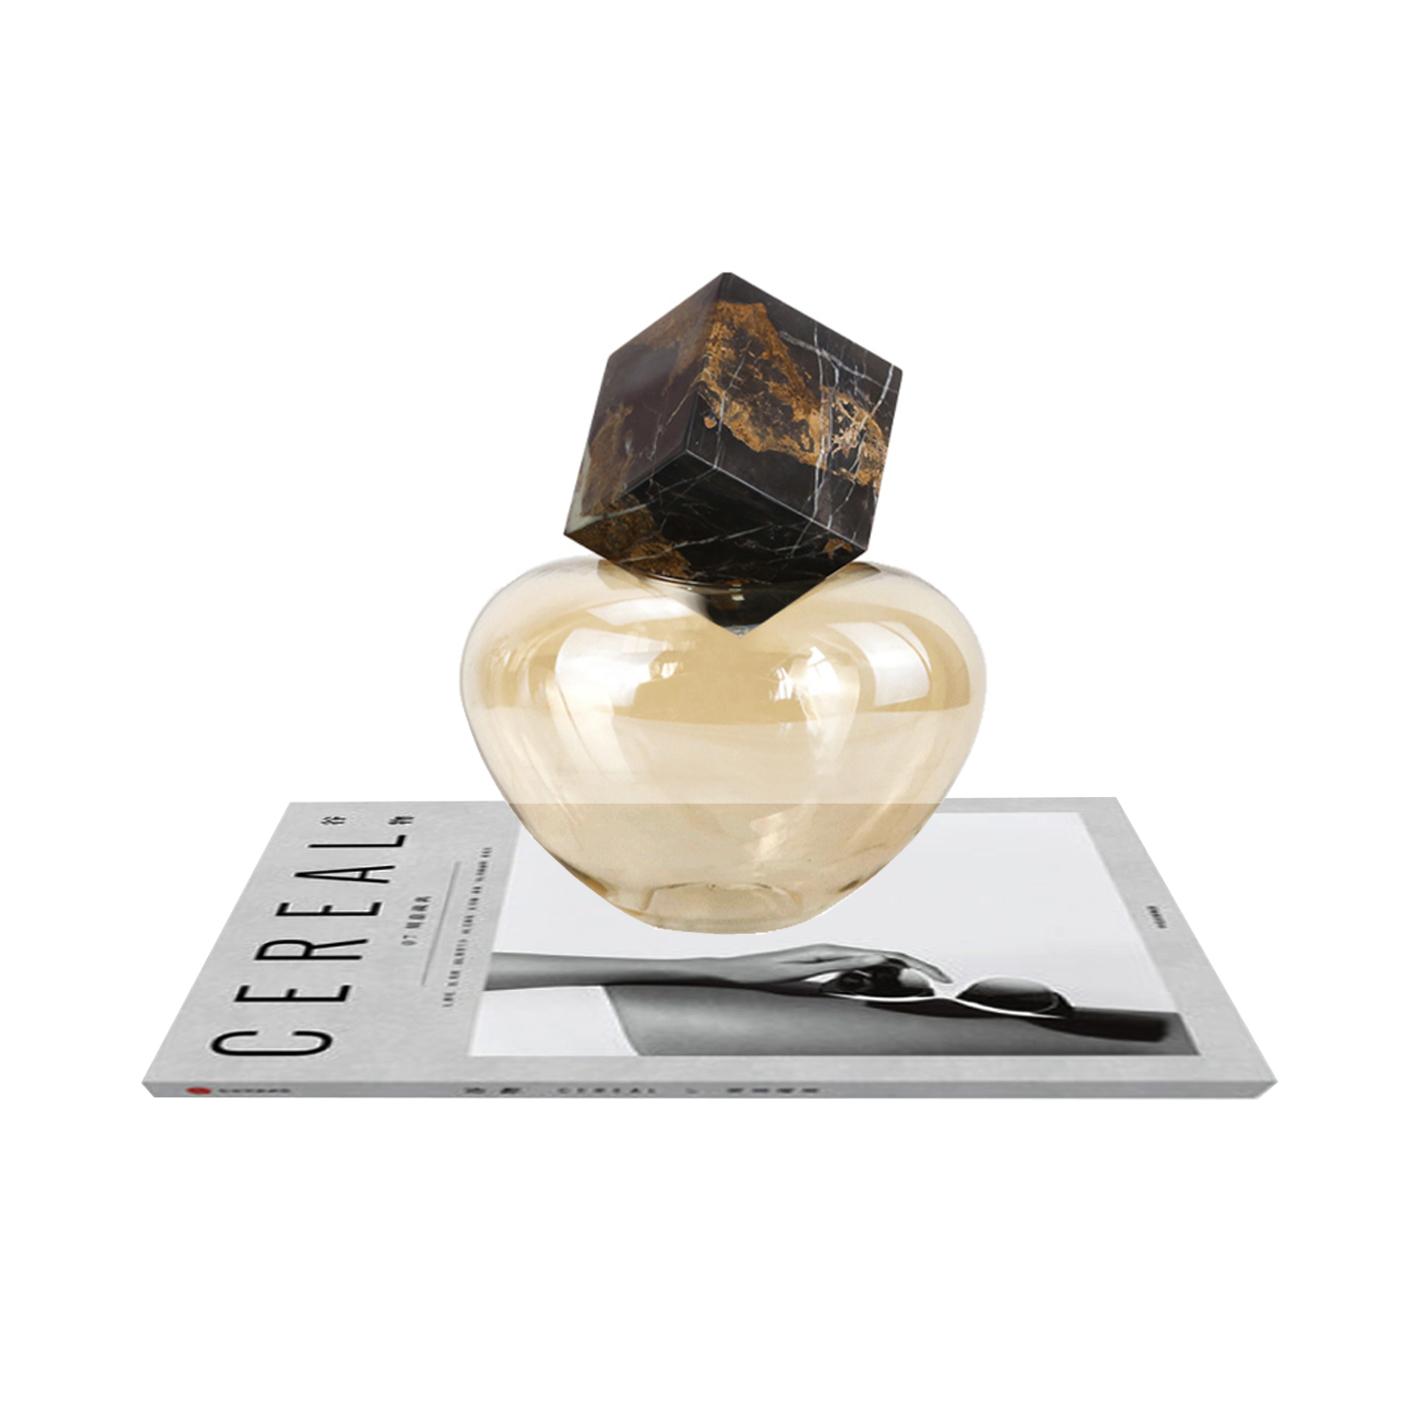 现代简约欧式琥珀色瓶大理石创意摆件样板房售楼处软装饰品摆设